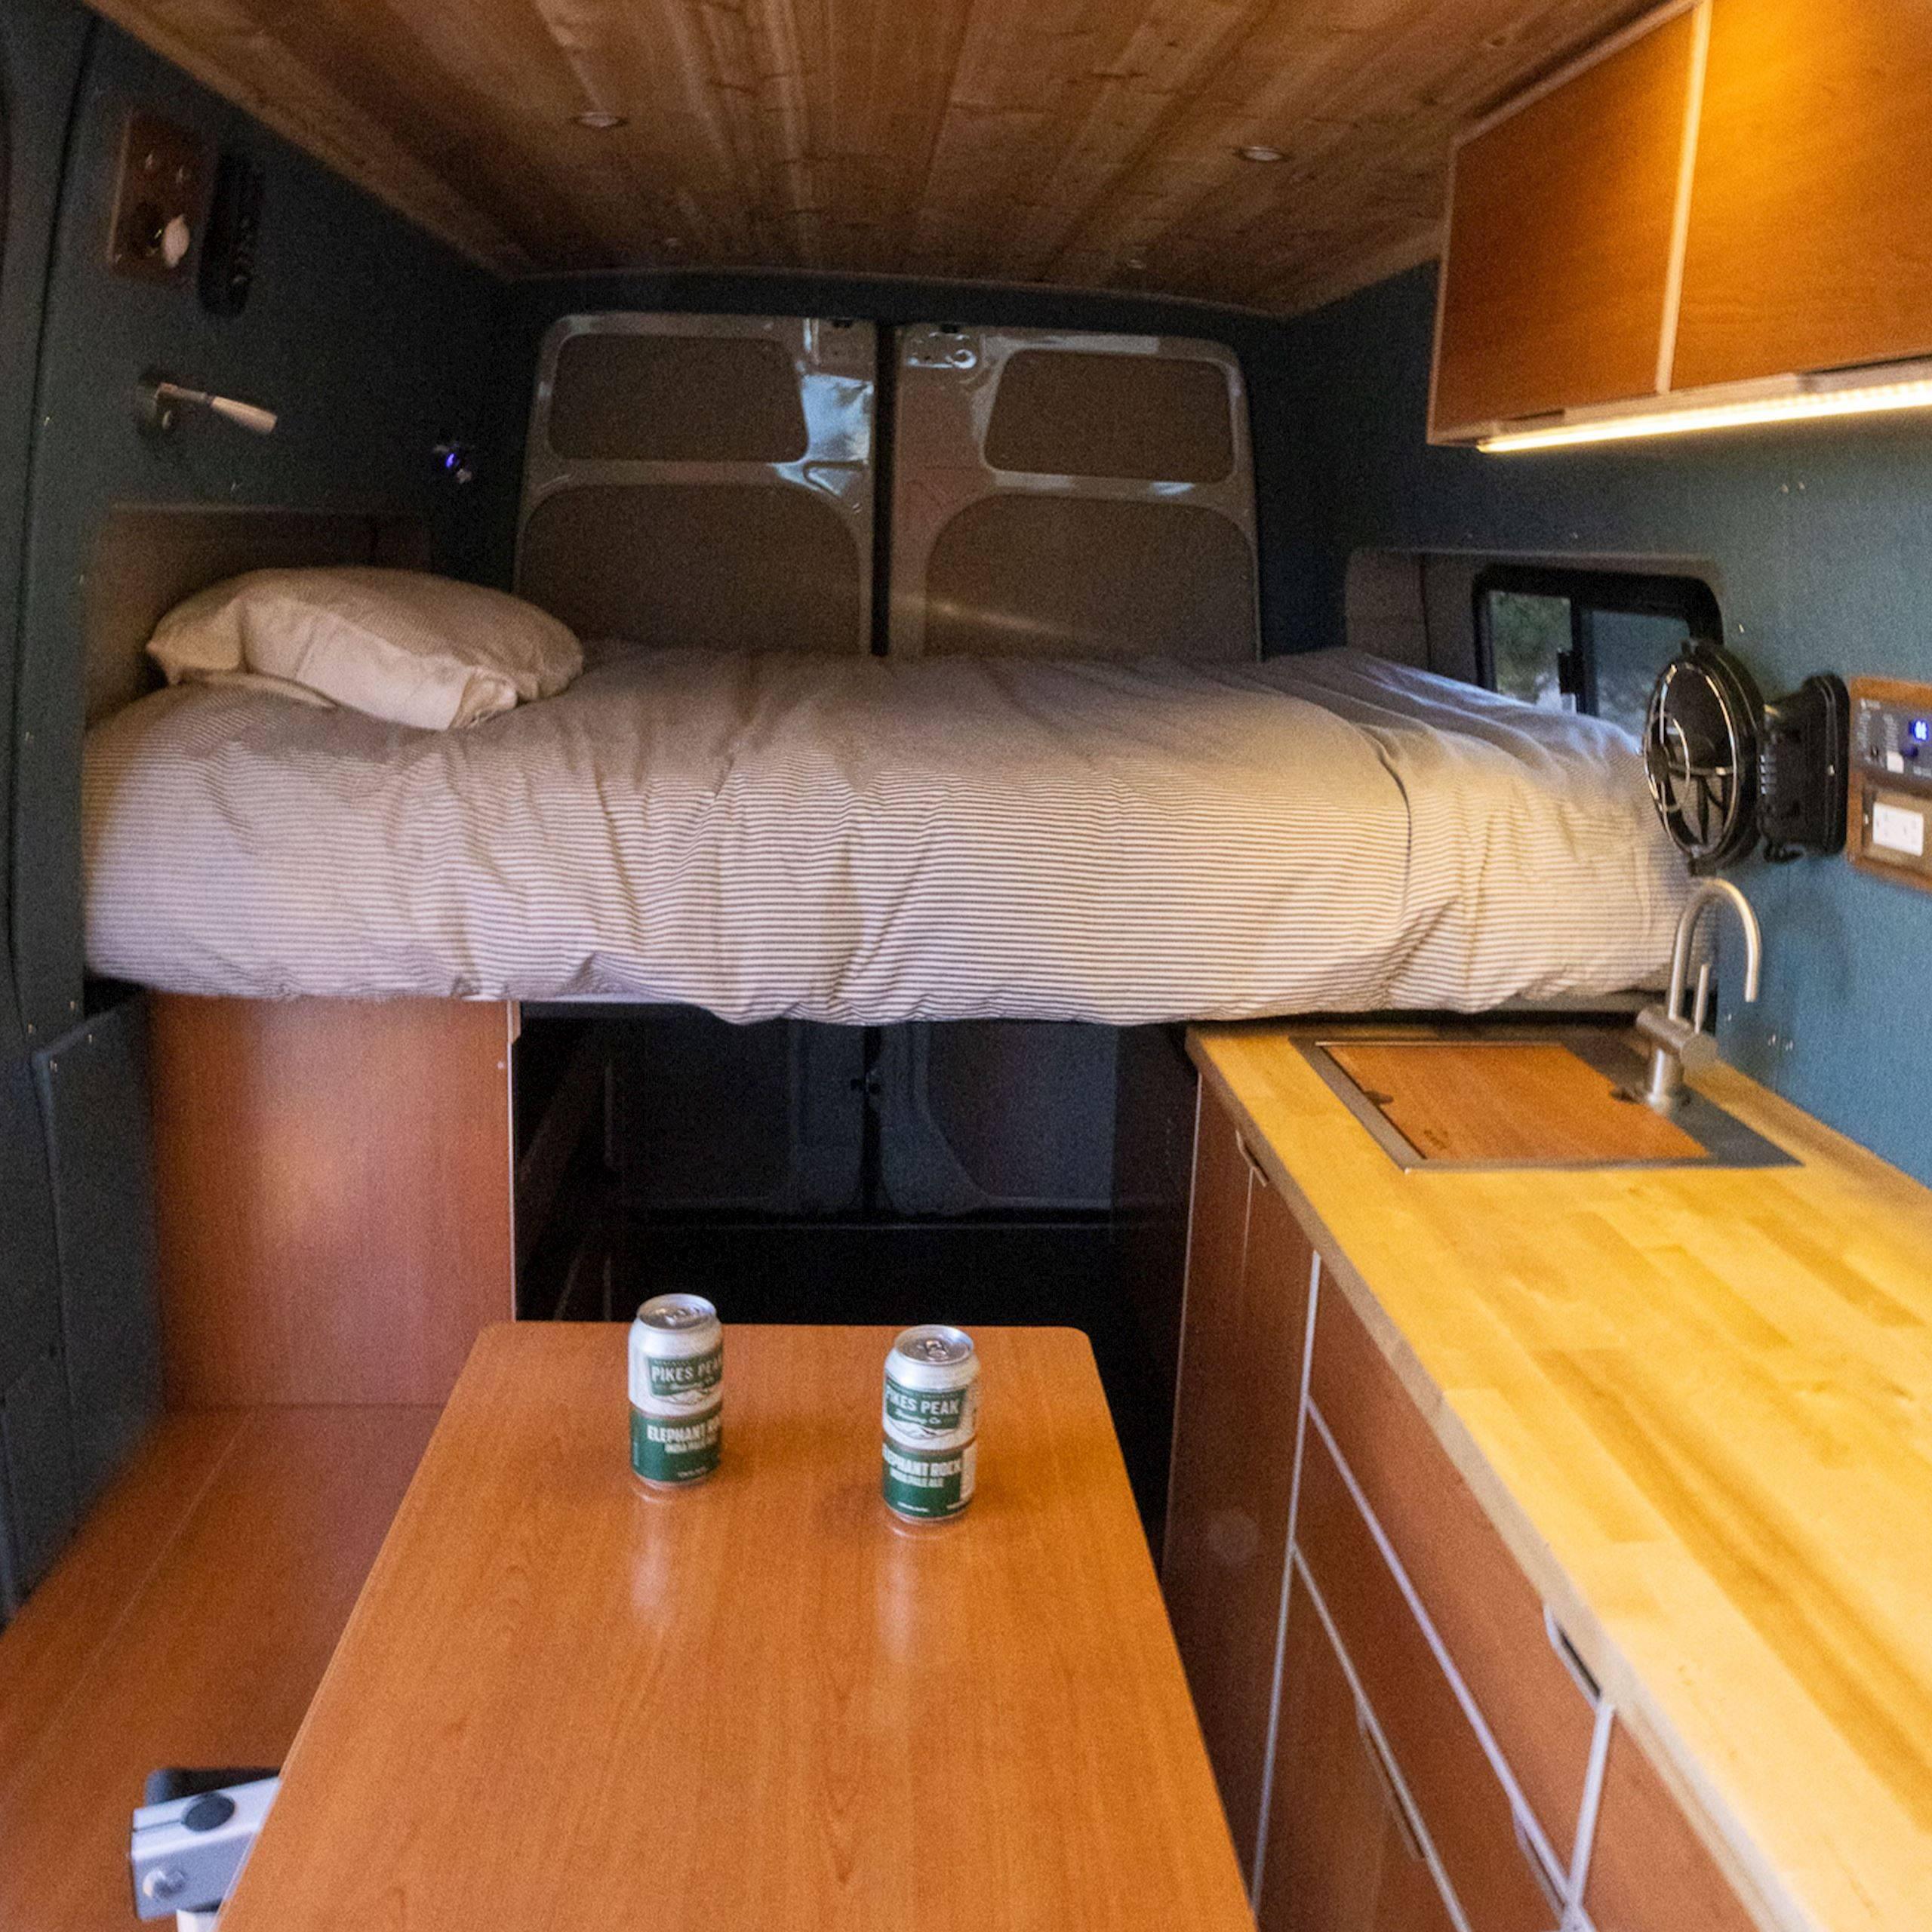 Rack & Roll - Sprinter 144 Conversion Van Interior - The Vansmith in Colorado